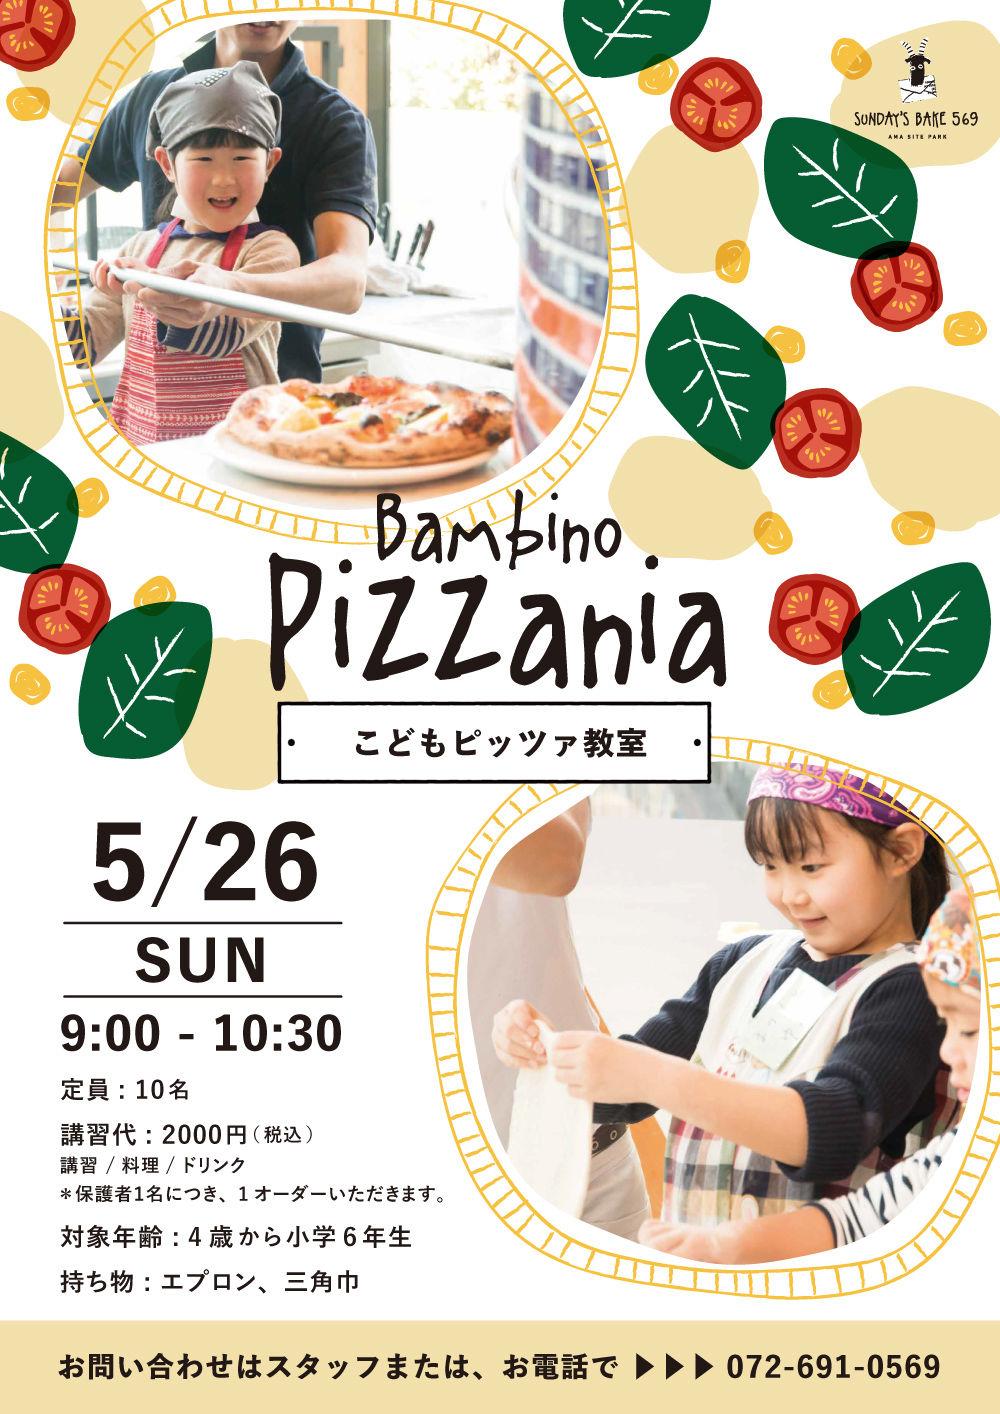 sb569_1905_pizzania.jpg